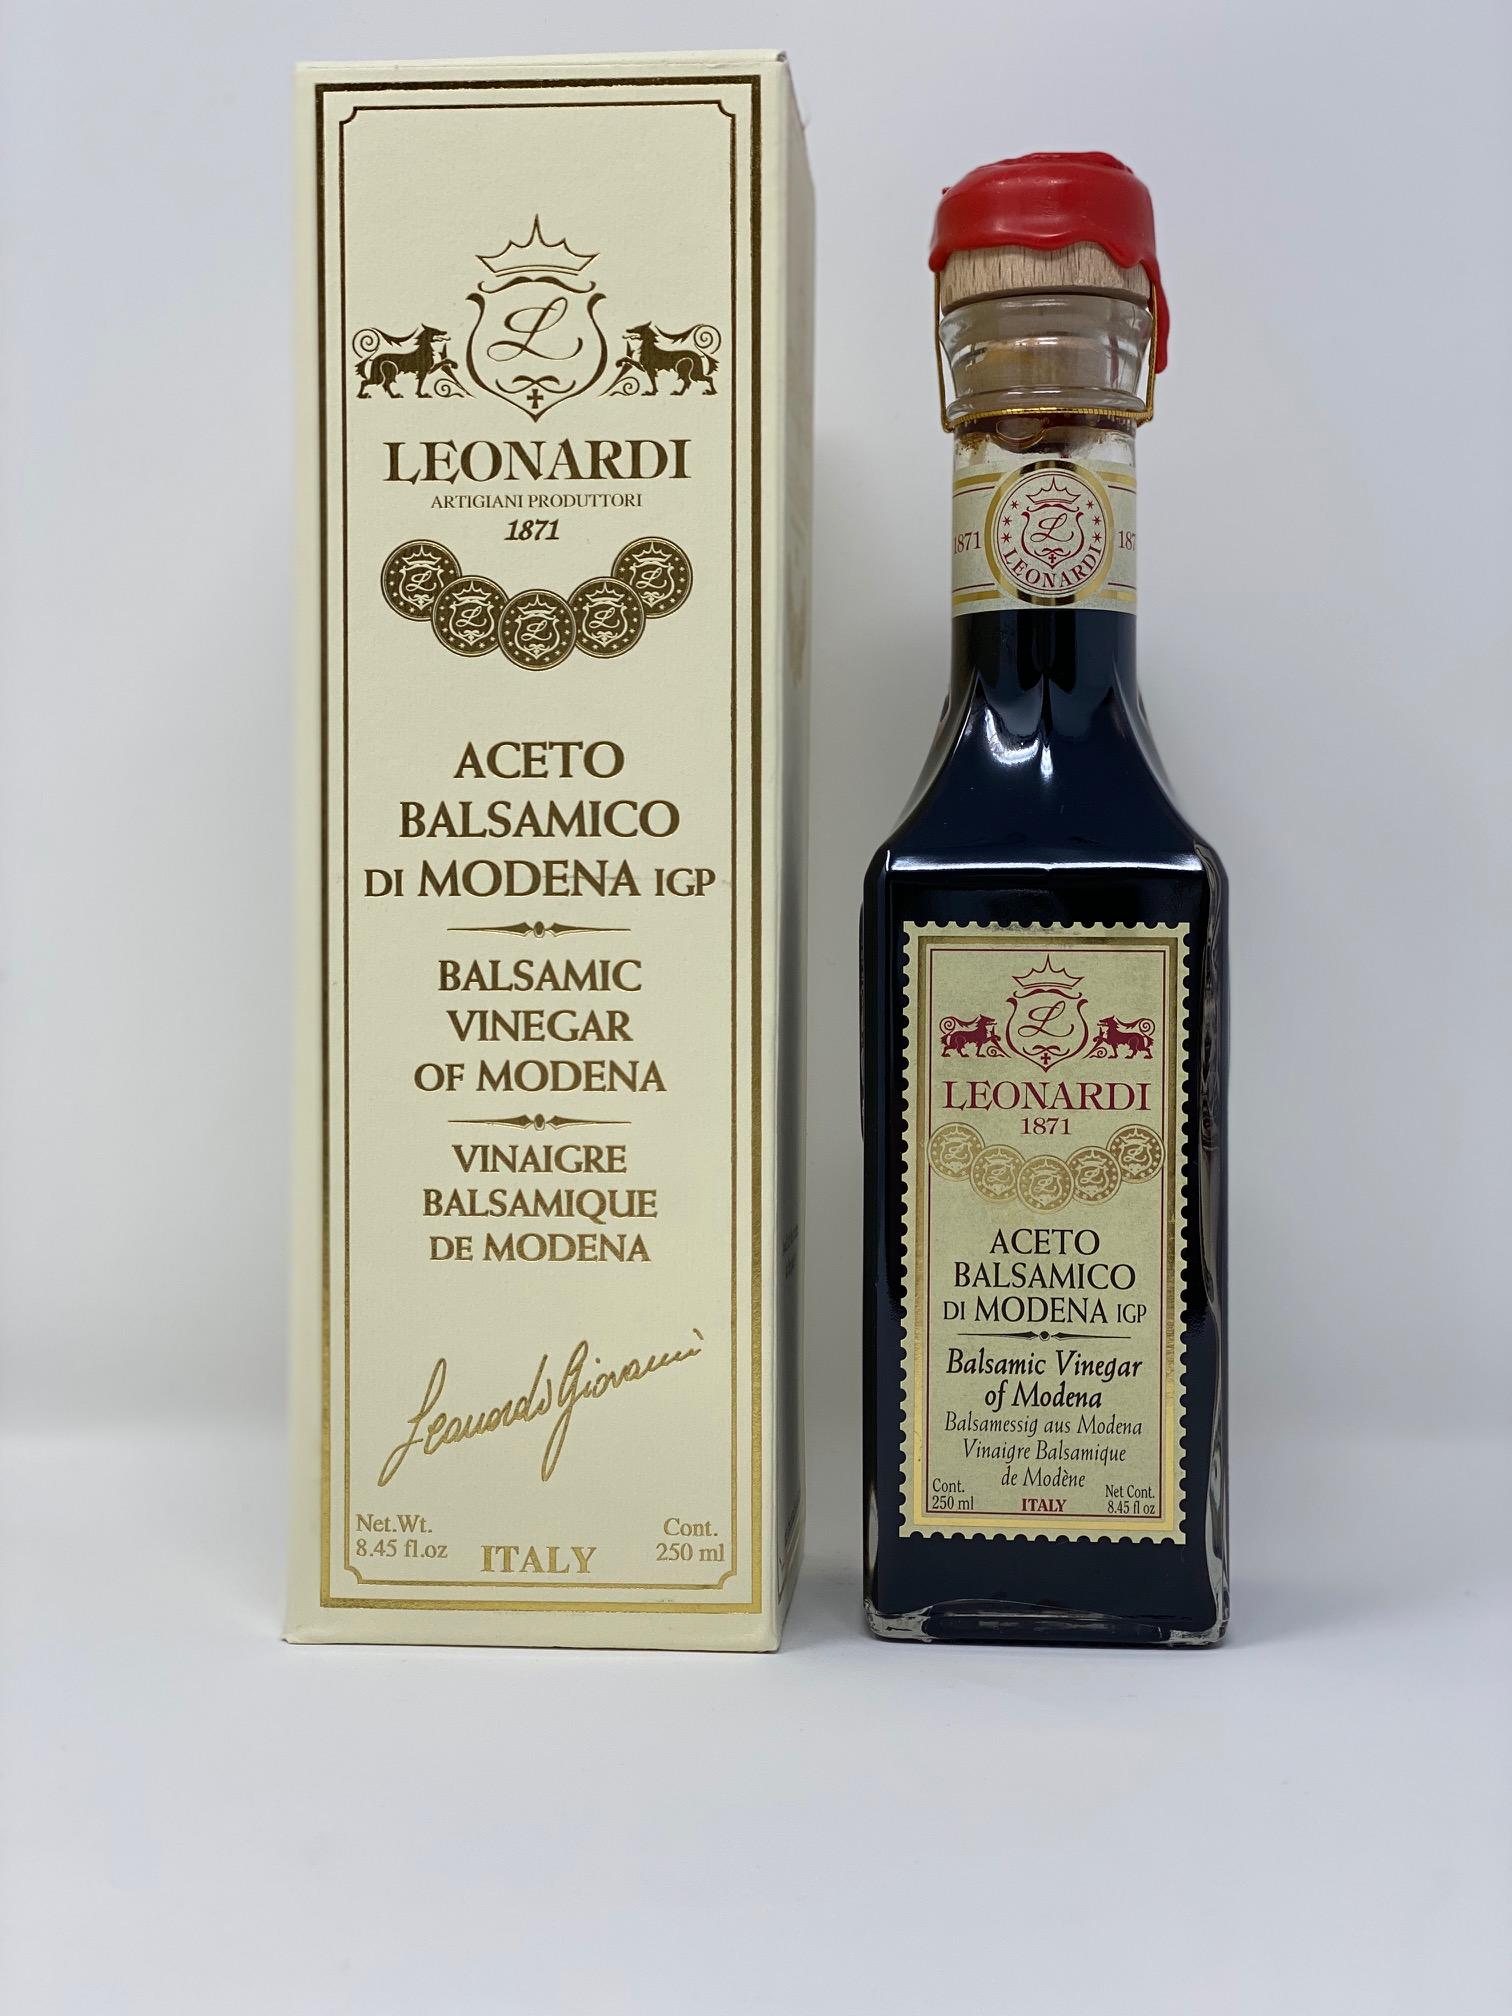 Aceto Balsamico di Modena IGP 10YO